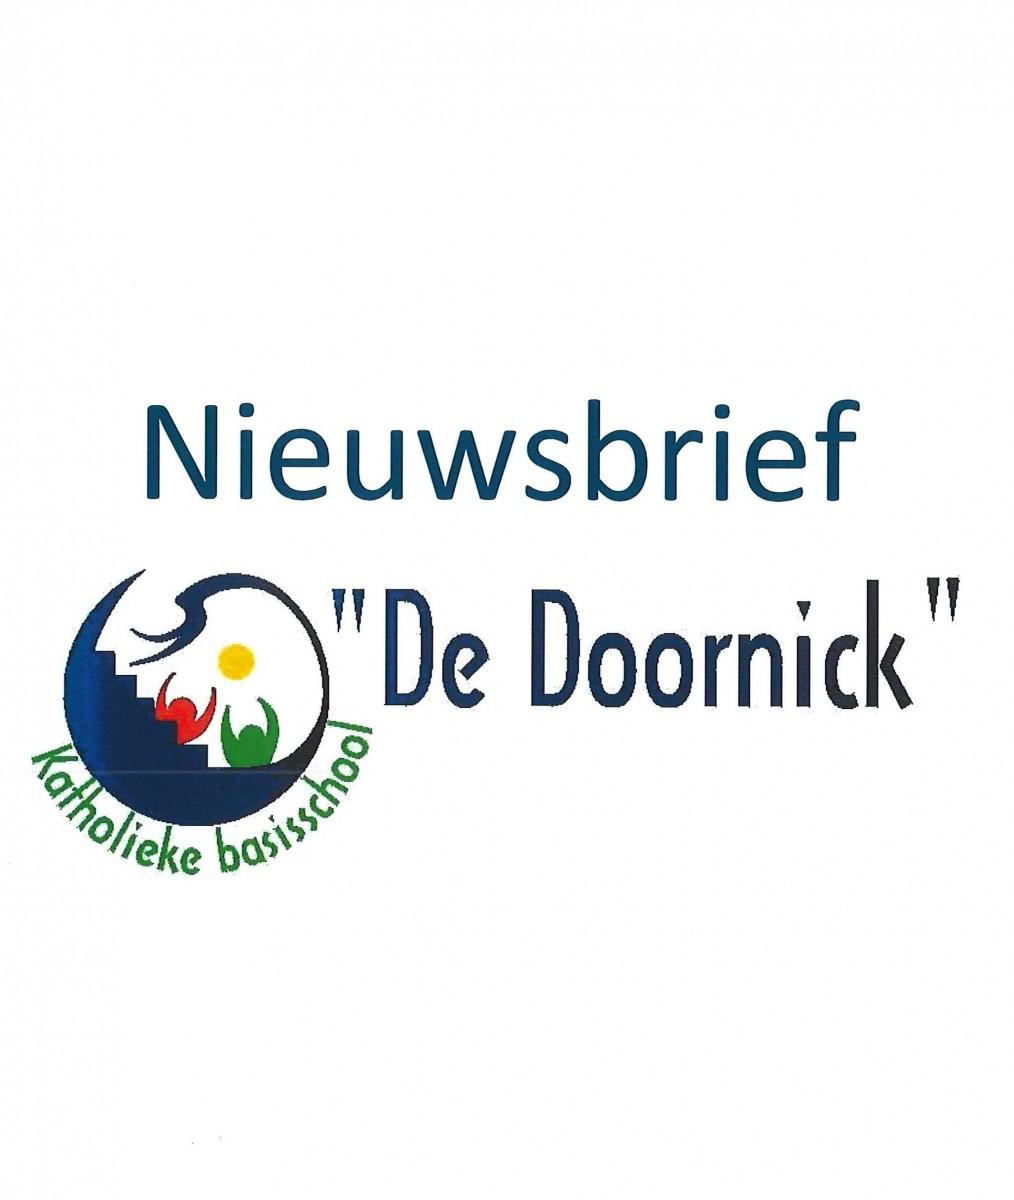 Nieuwsbrief De Doornick (2)